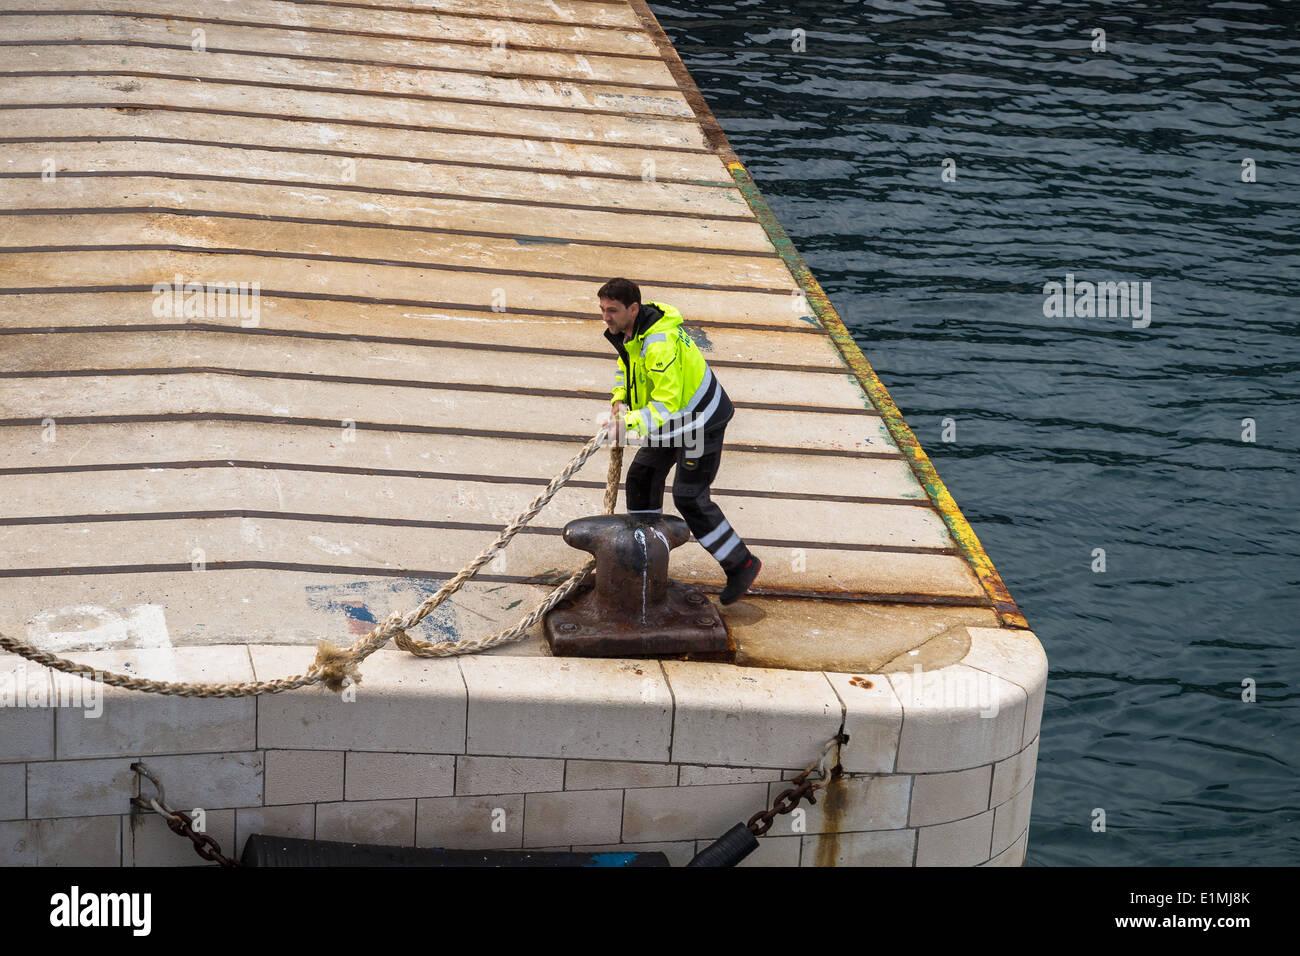 Un uomo getta fuori una corda dal suo posto barca Immagini Stock